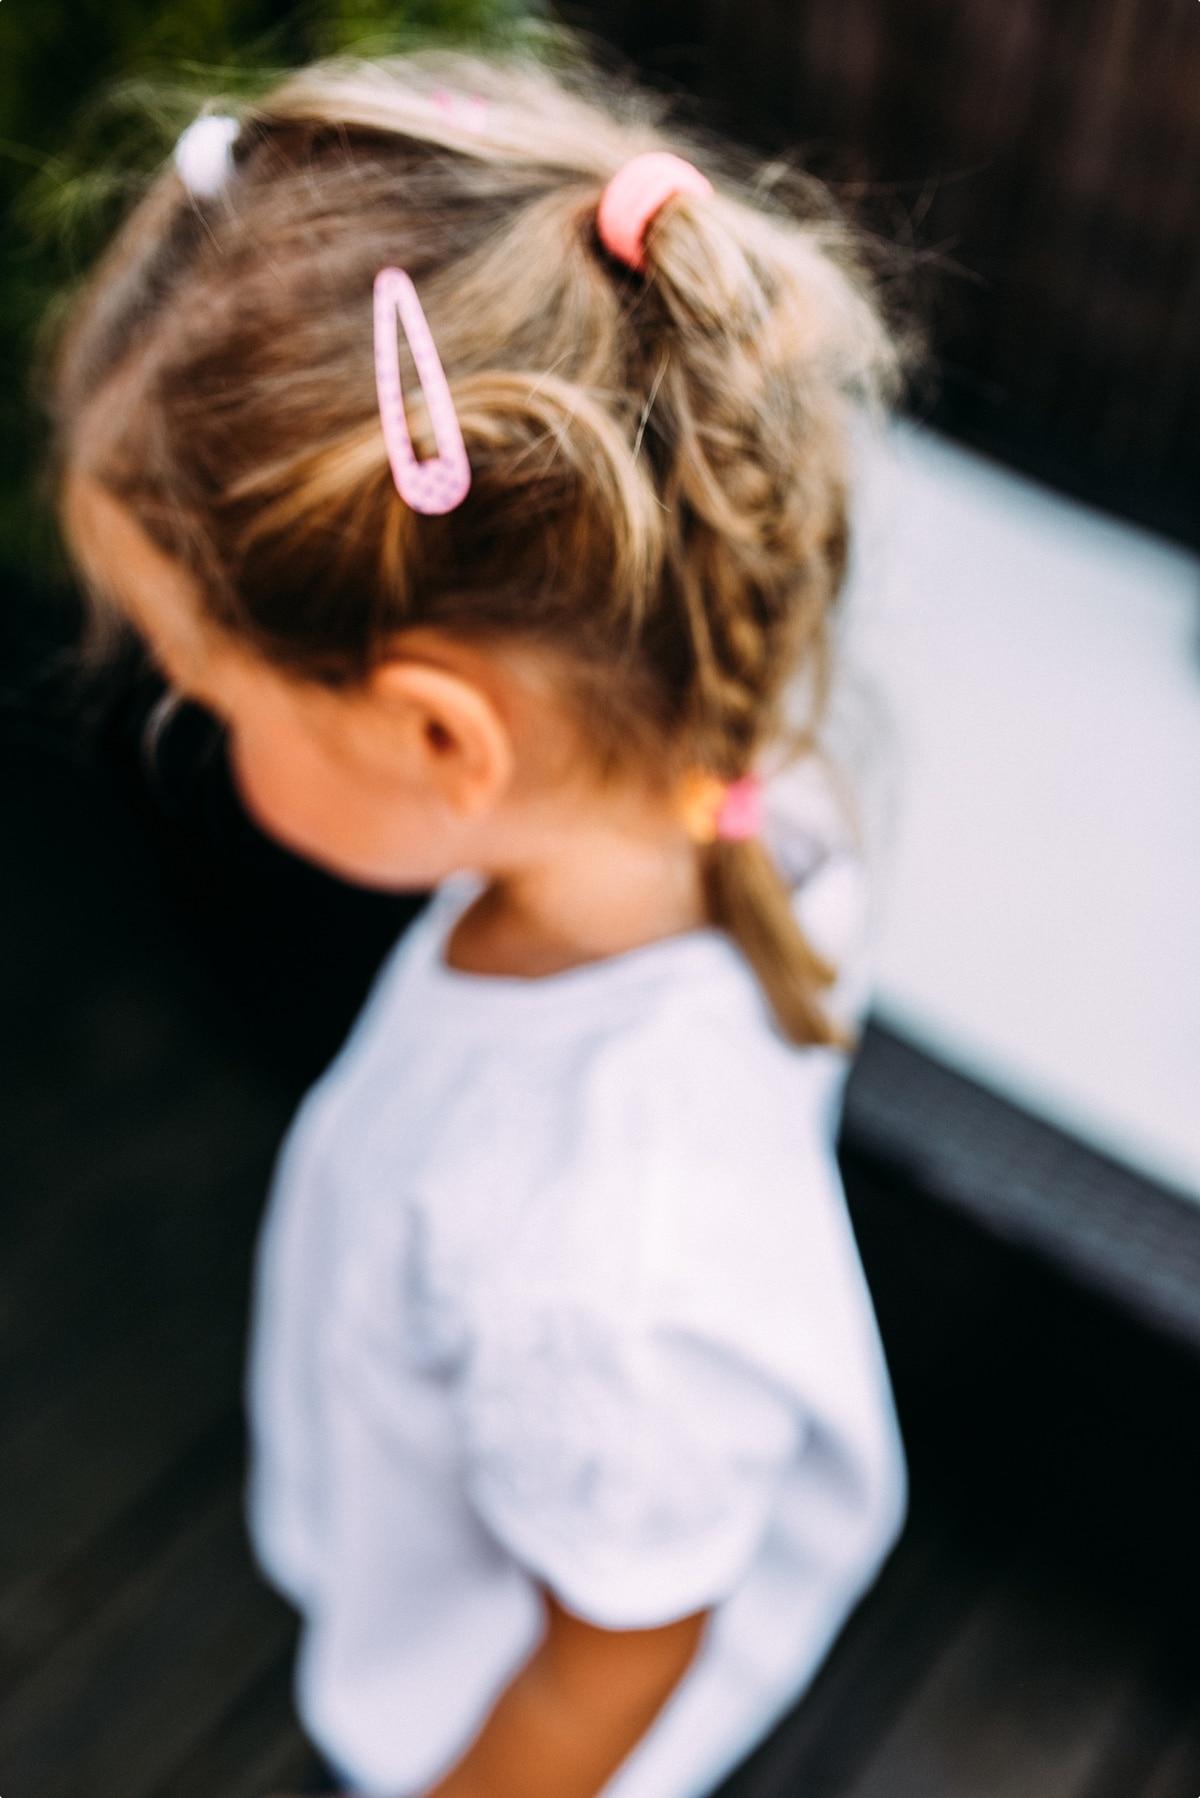 kleines Mädchen mit langem Haar und Haarspange